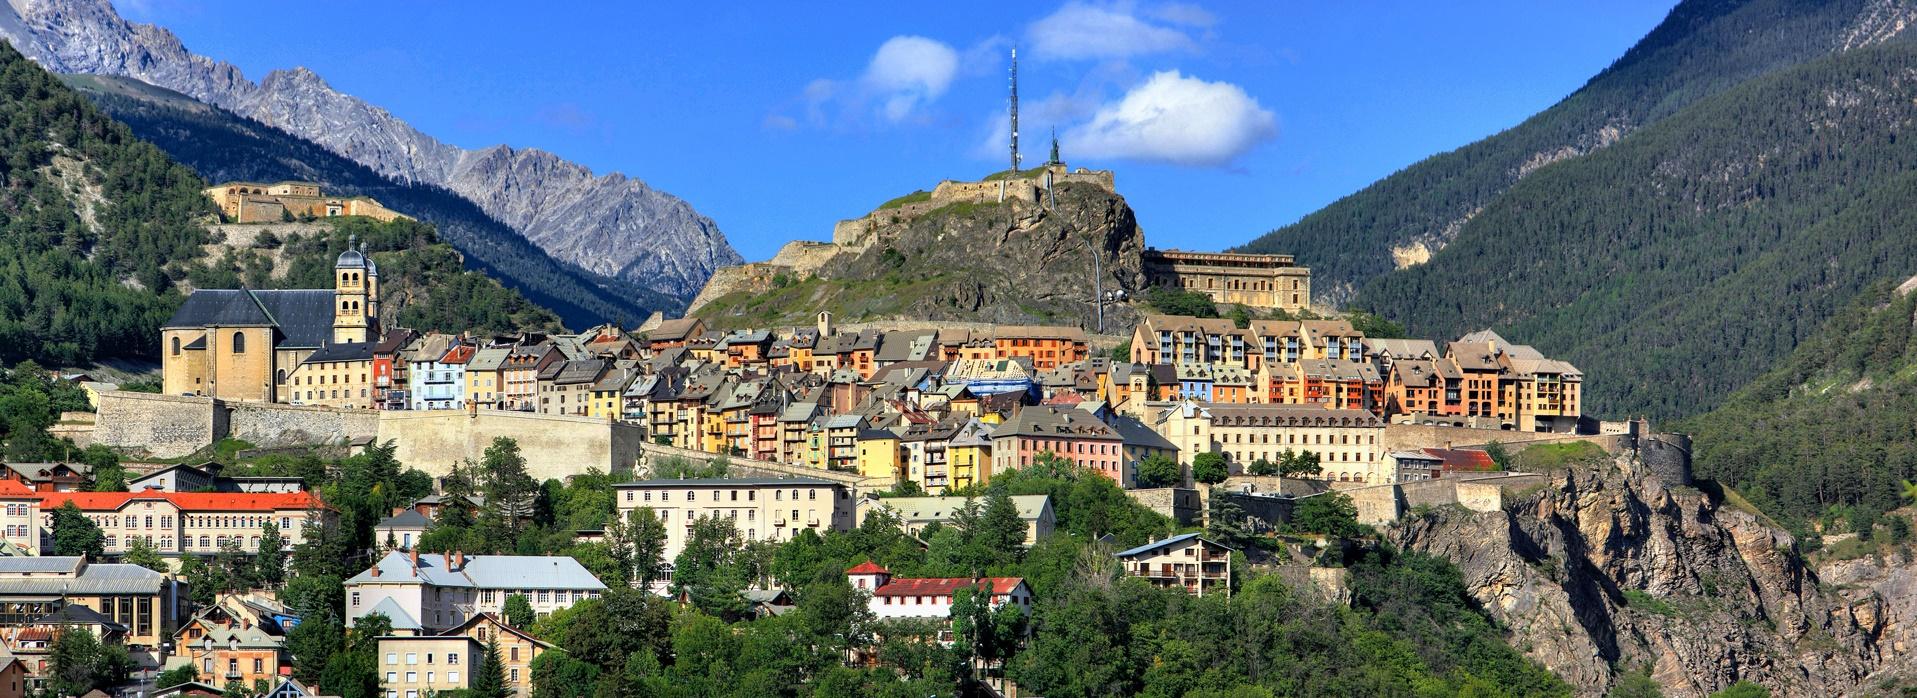 Mooi stadje, dat Briançon (Foto: Panoramio)